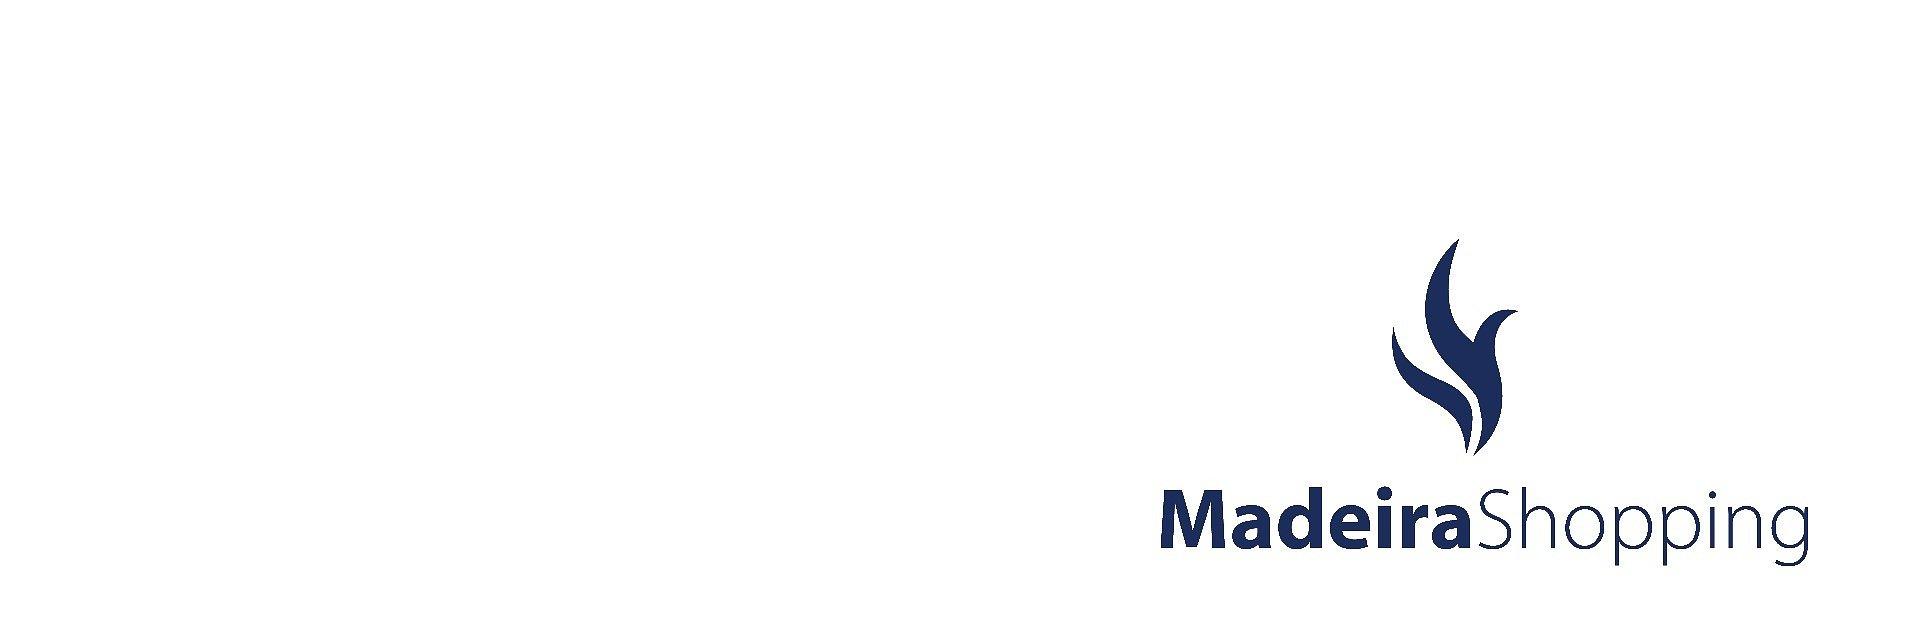 MadeiraShopping assegura cumprimento dos mais elevados padrões de higiene com certificação SGS